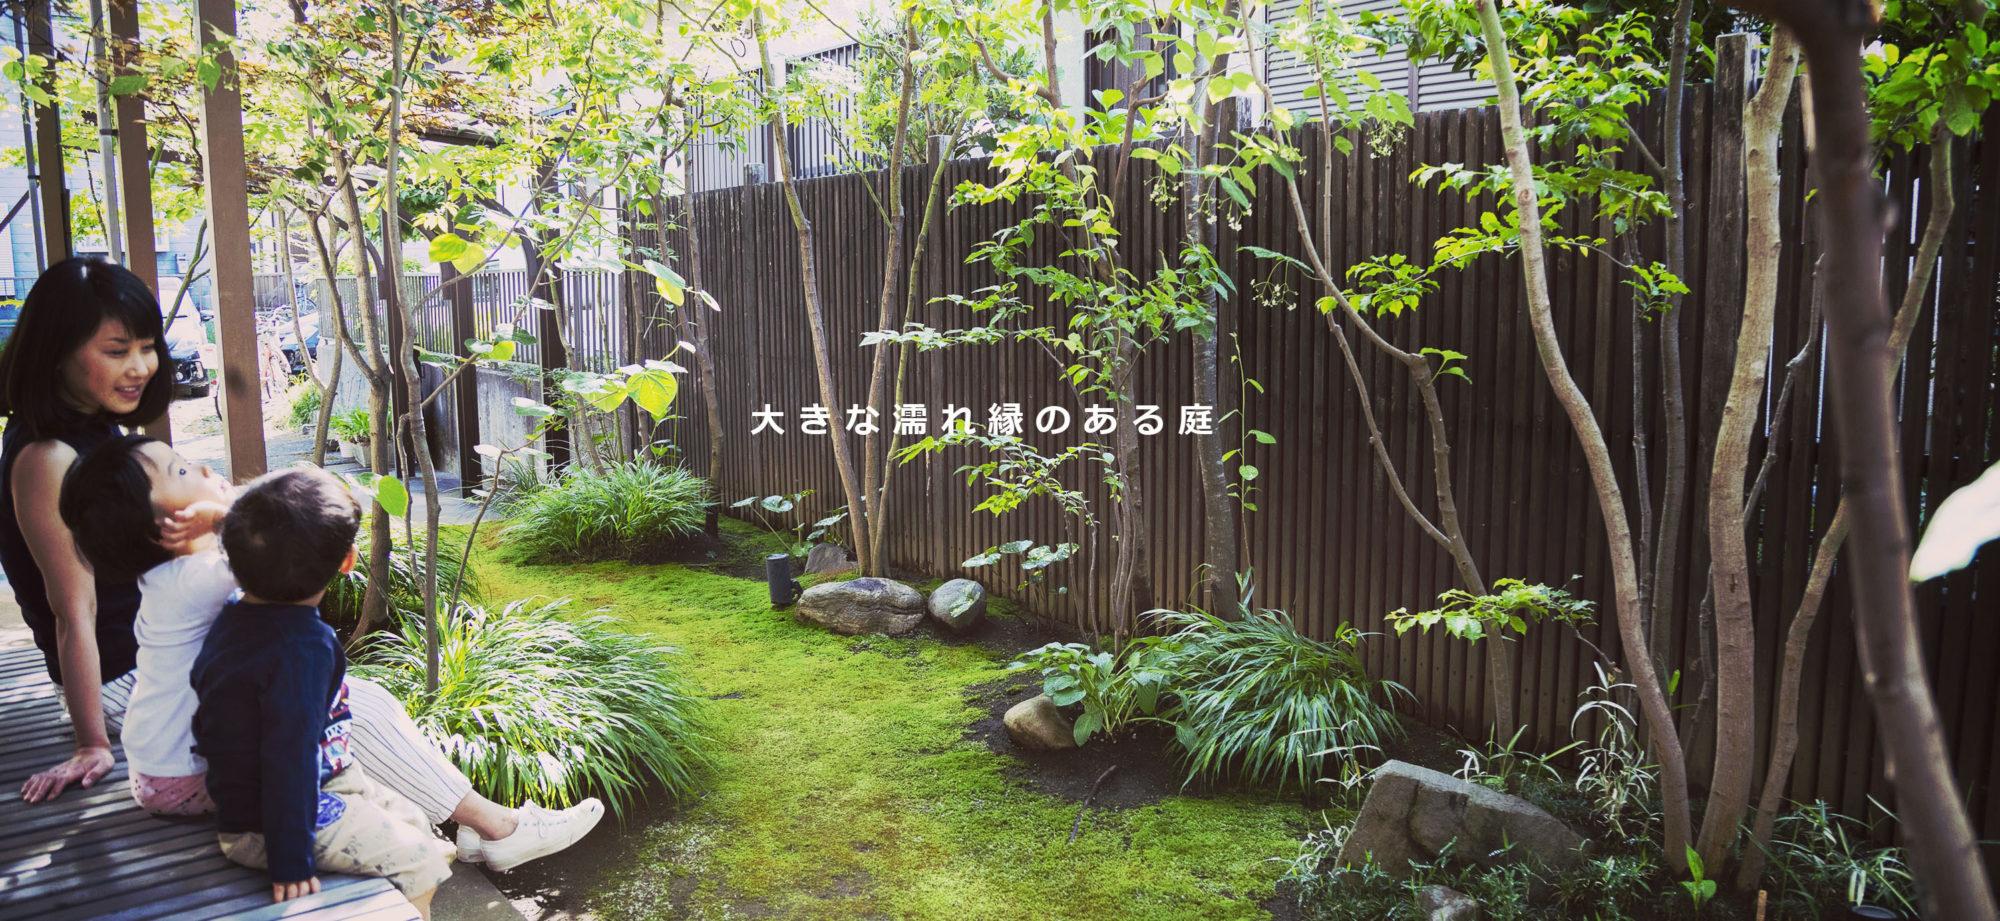 雑木の庭 埼玉県 上尾市